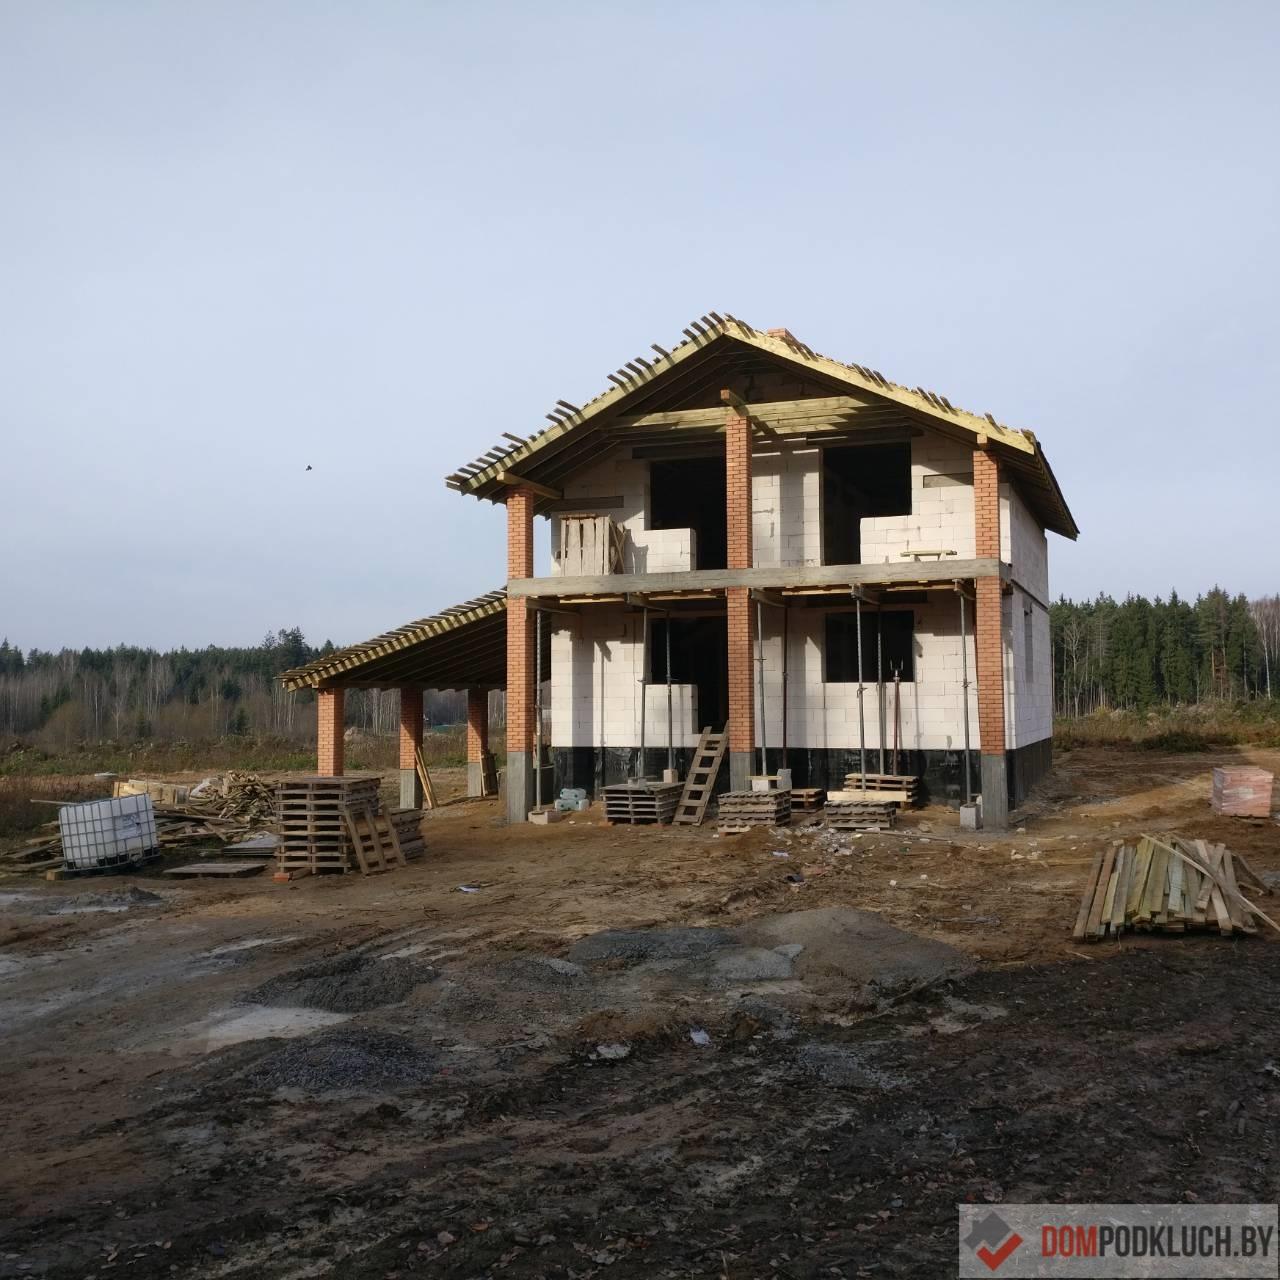 Строительство двухэтажного дома из пеноблоков